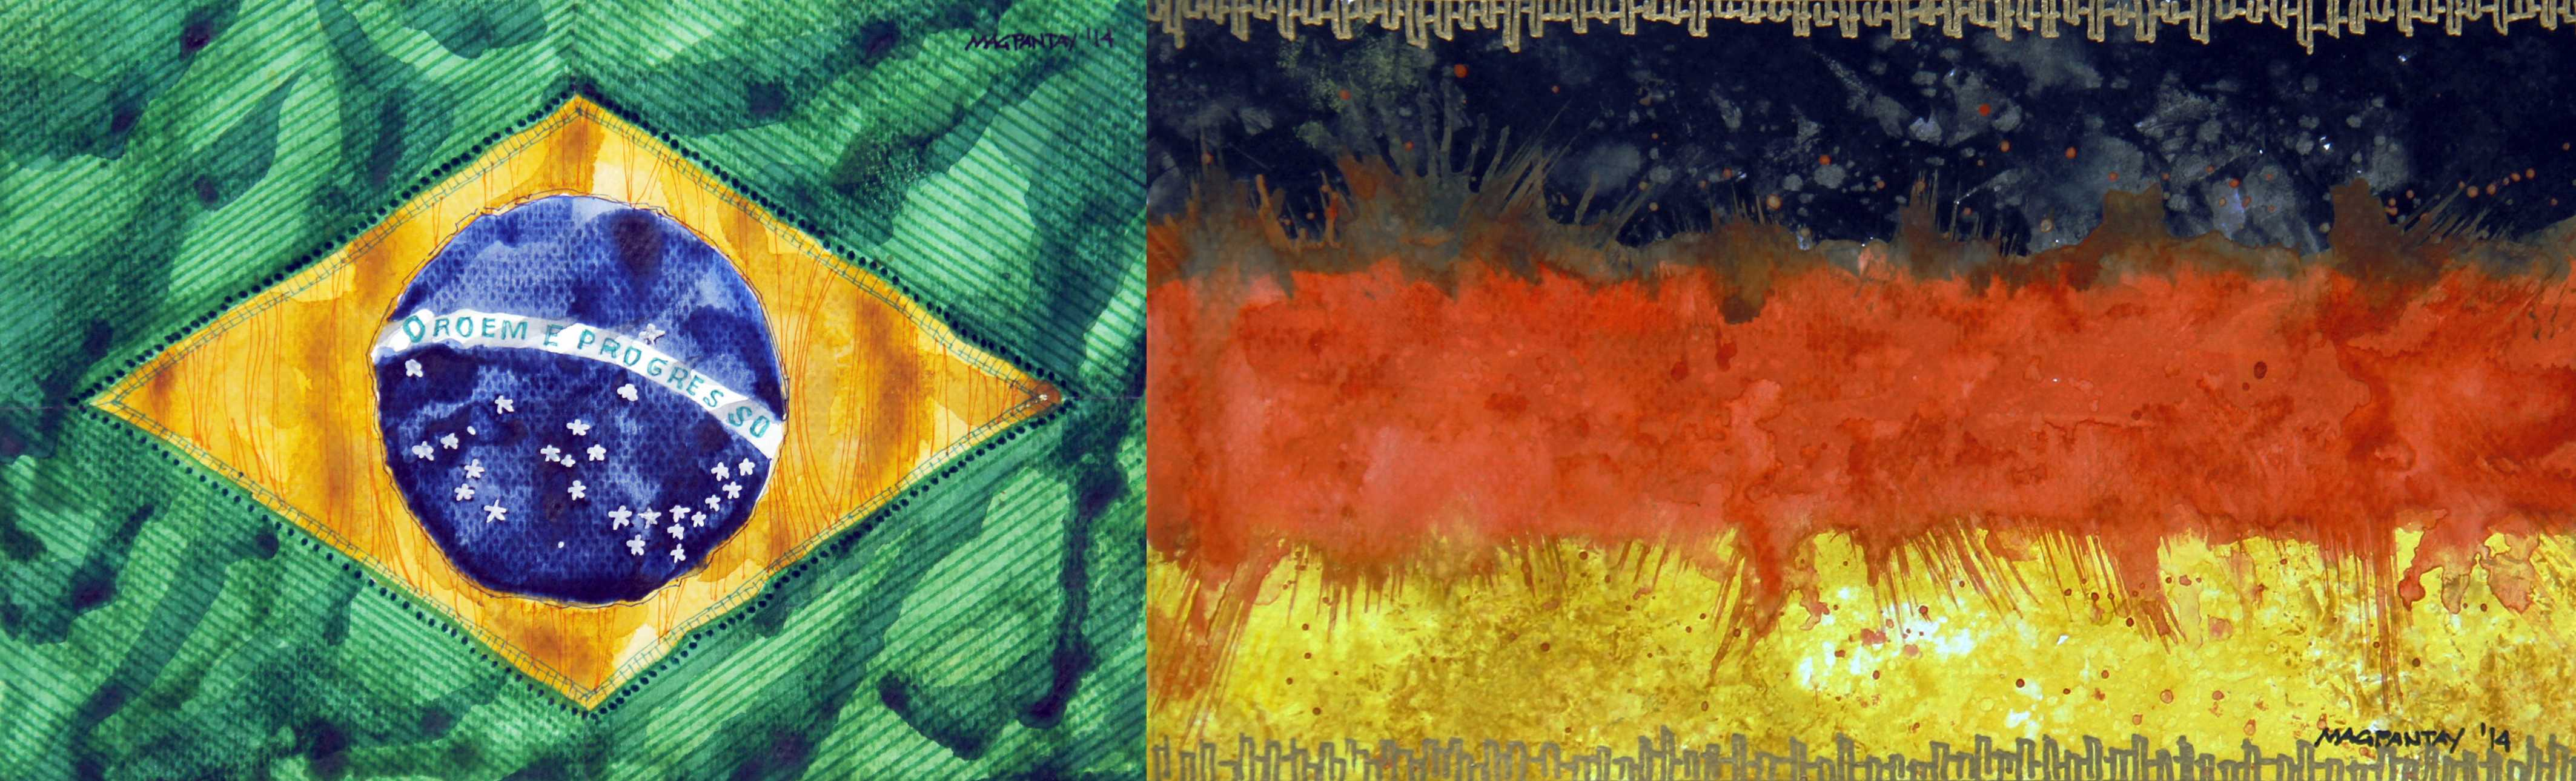 deutschland brasilien das spiel